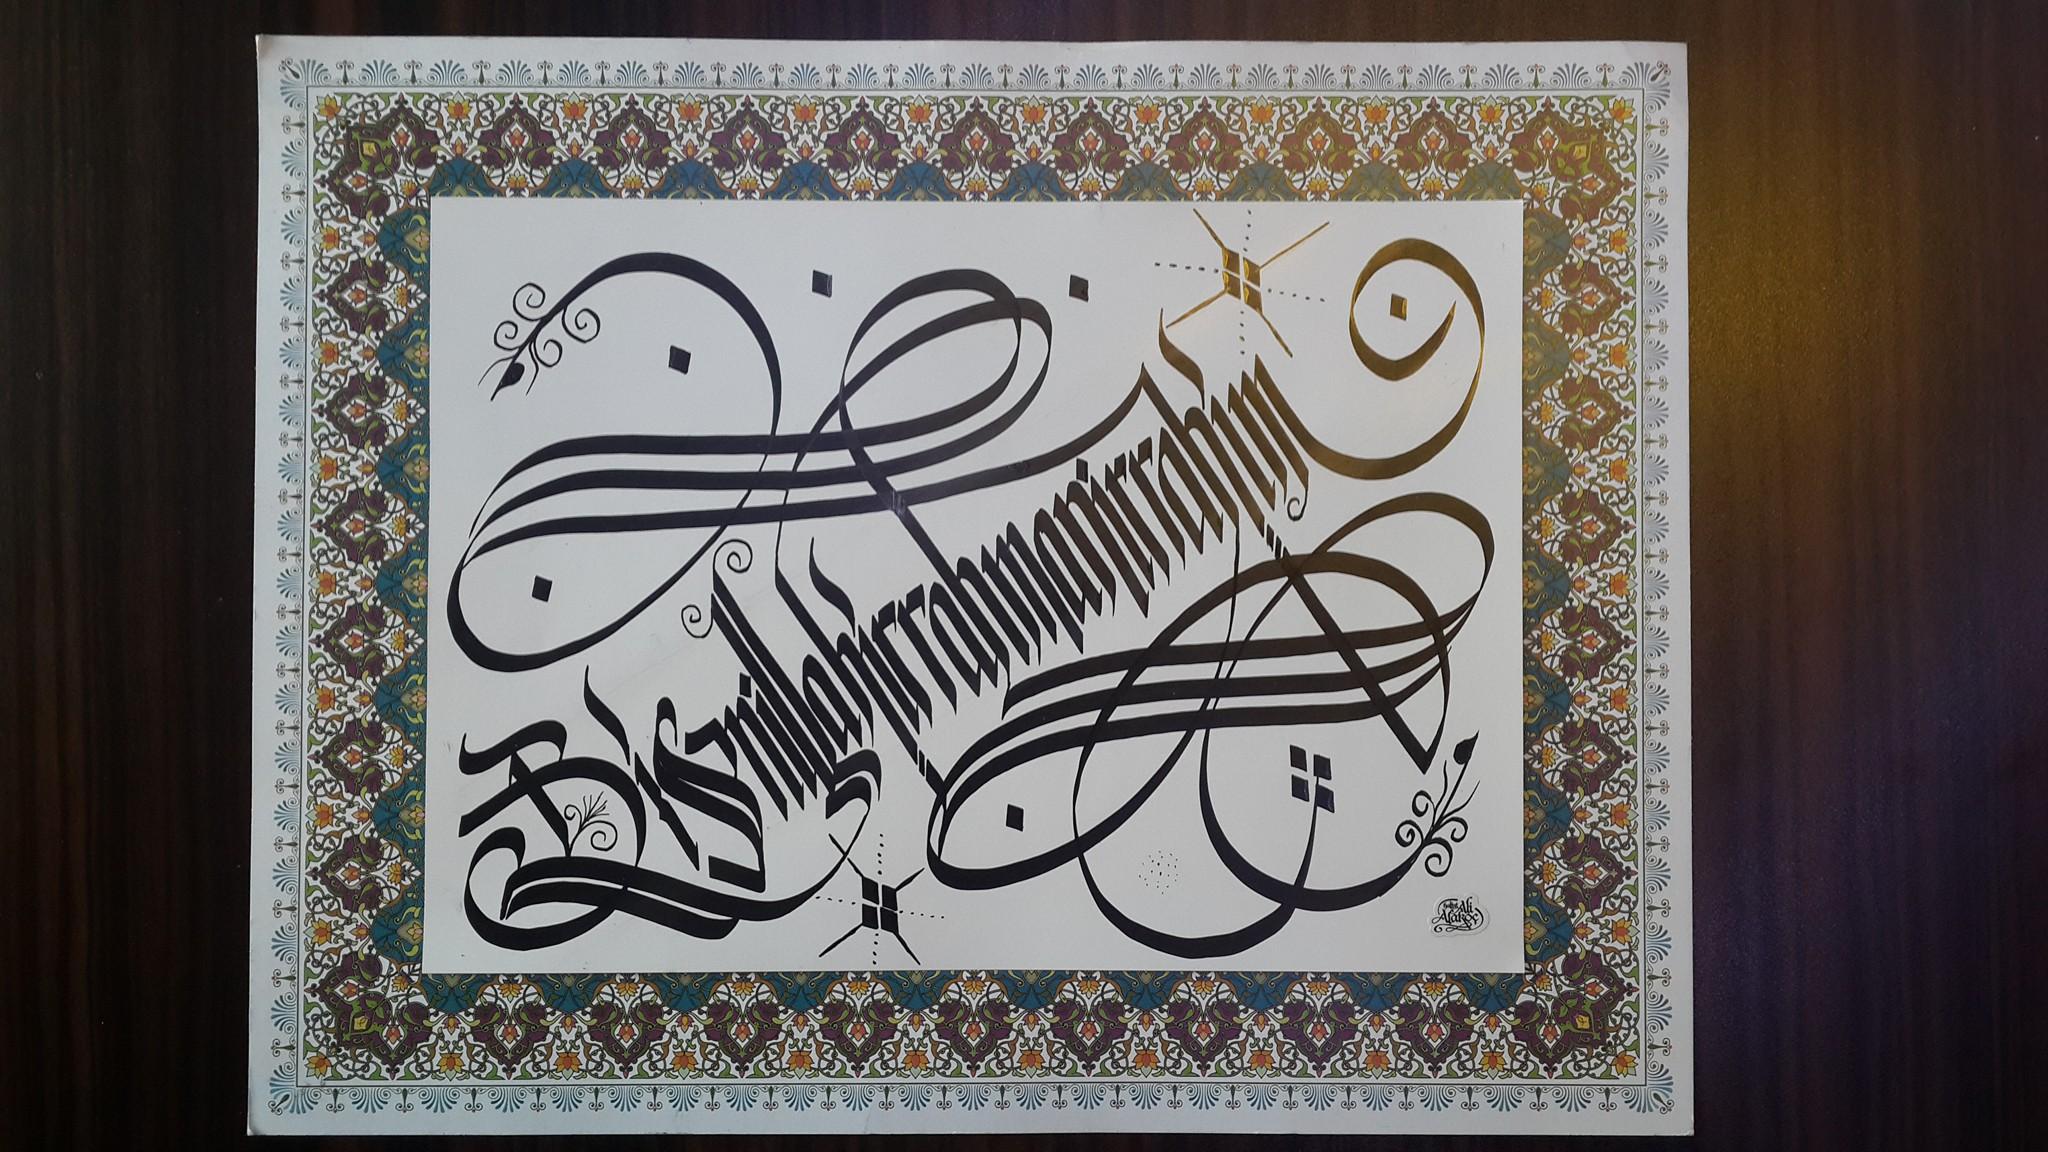 HAT SANATKARI,ankara hattat,hattat,ankara hattat,ankara kaligrafi,ankara kaligrafi merkezi,ankara hat merkezi,ankarada hatattatlar,ankarada kaligraflar,kaligraf ankara,kaligrafi kursu,hat sanatı kurslerı,hat ö (6)